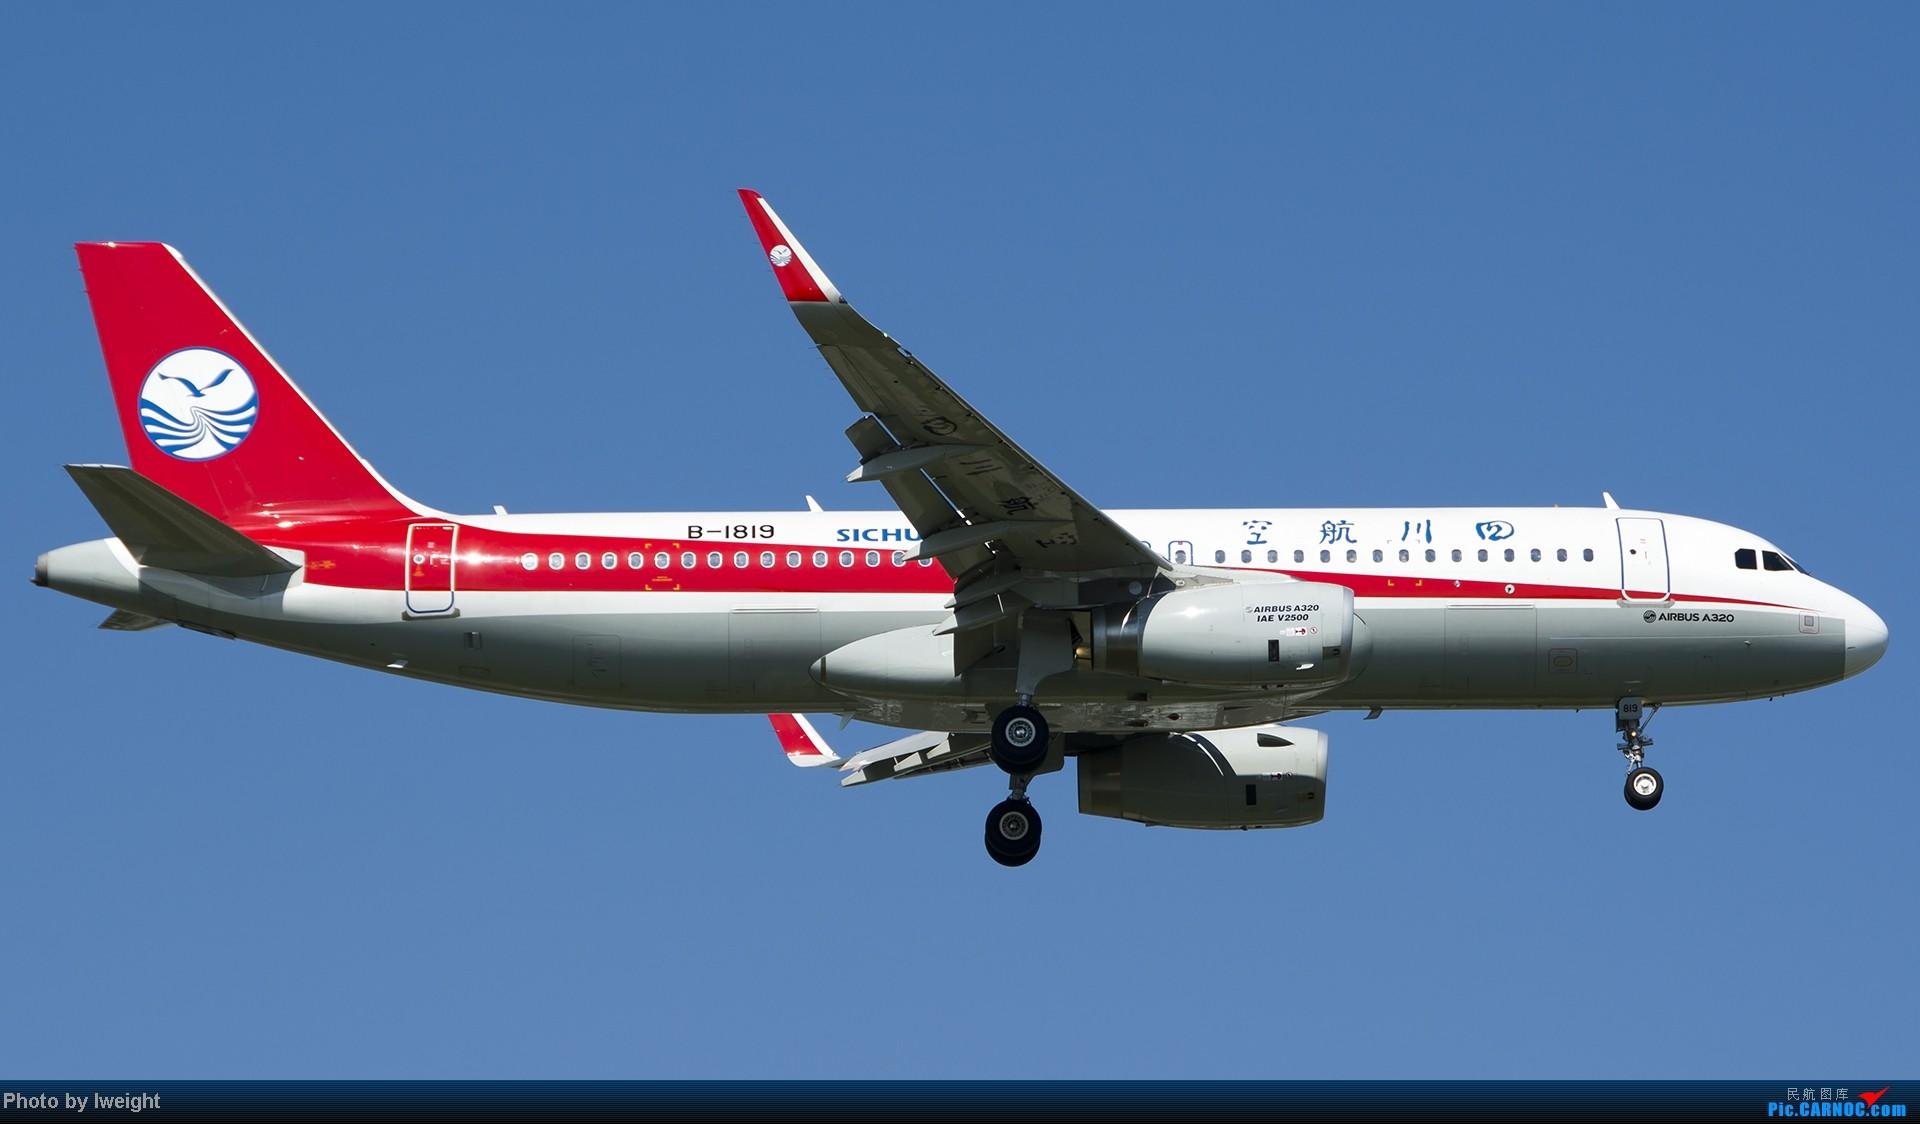 Re:[原创]酷暑周末拍遍PEK三条跑道,收获众多常见机型 AIRBUS A320-200 B-1819 中国北京首都机场